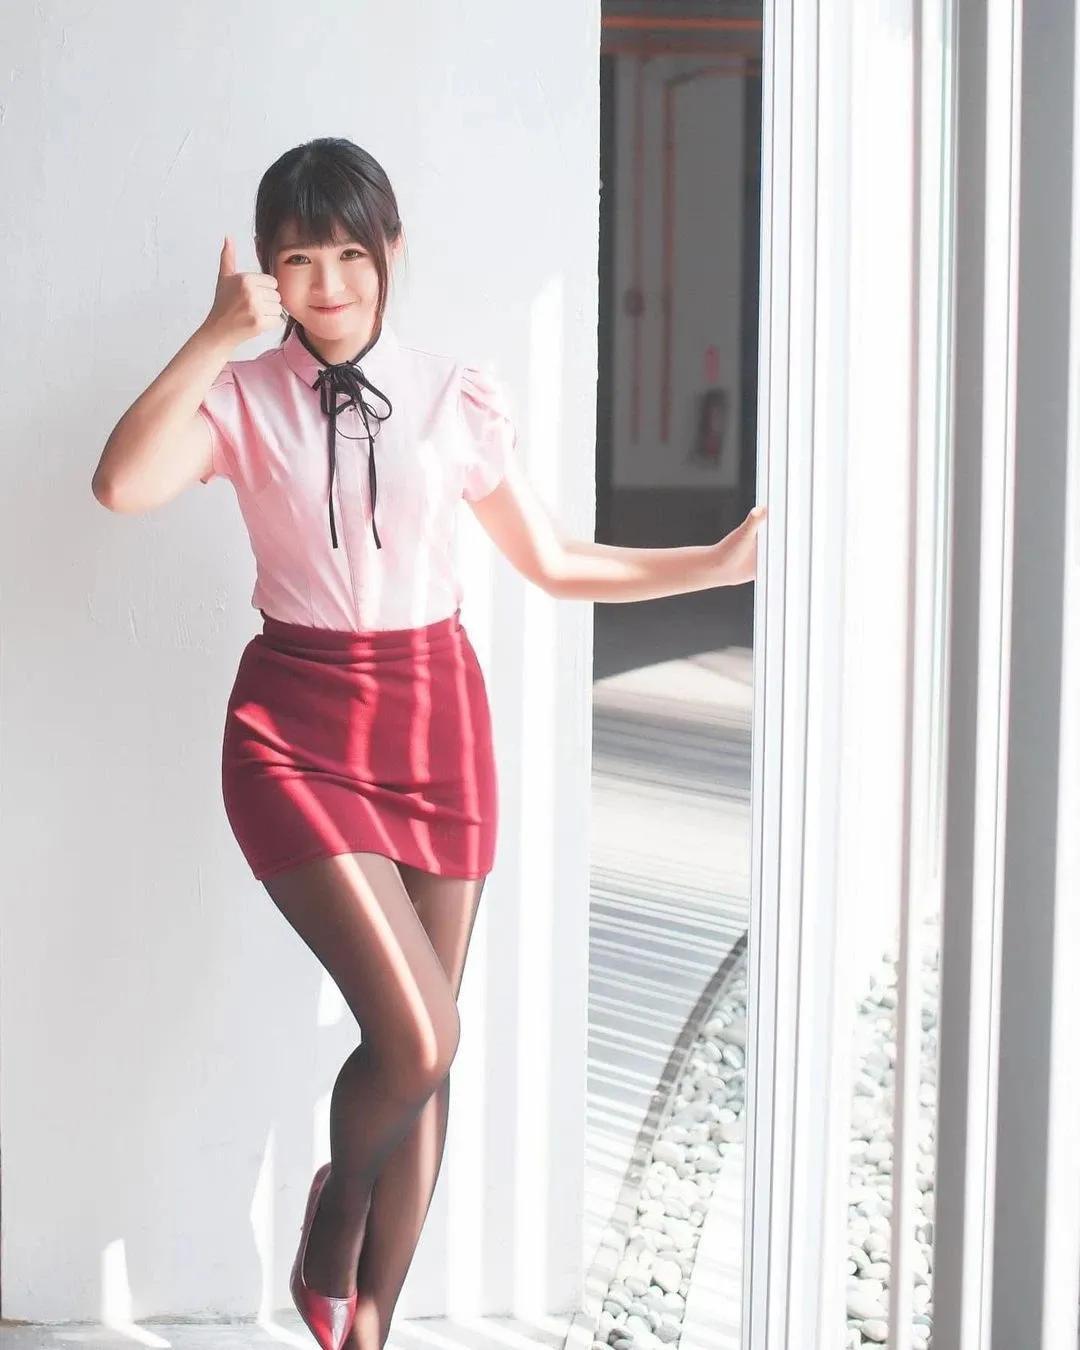 极品女神!JK、OL制服、Cosplay、清纯性感百变美少女